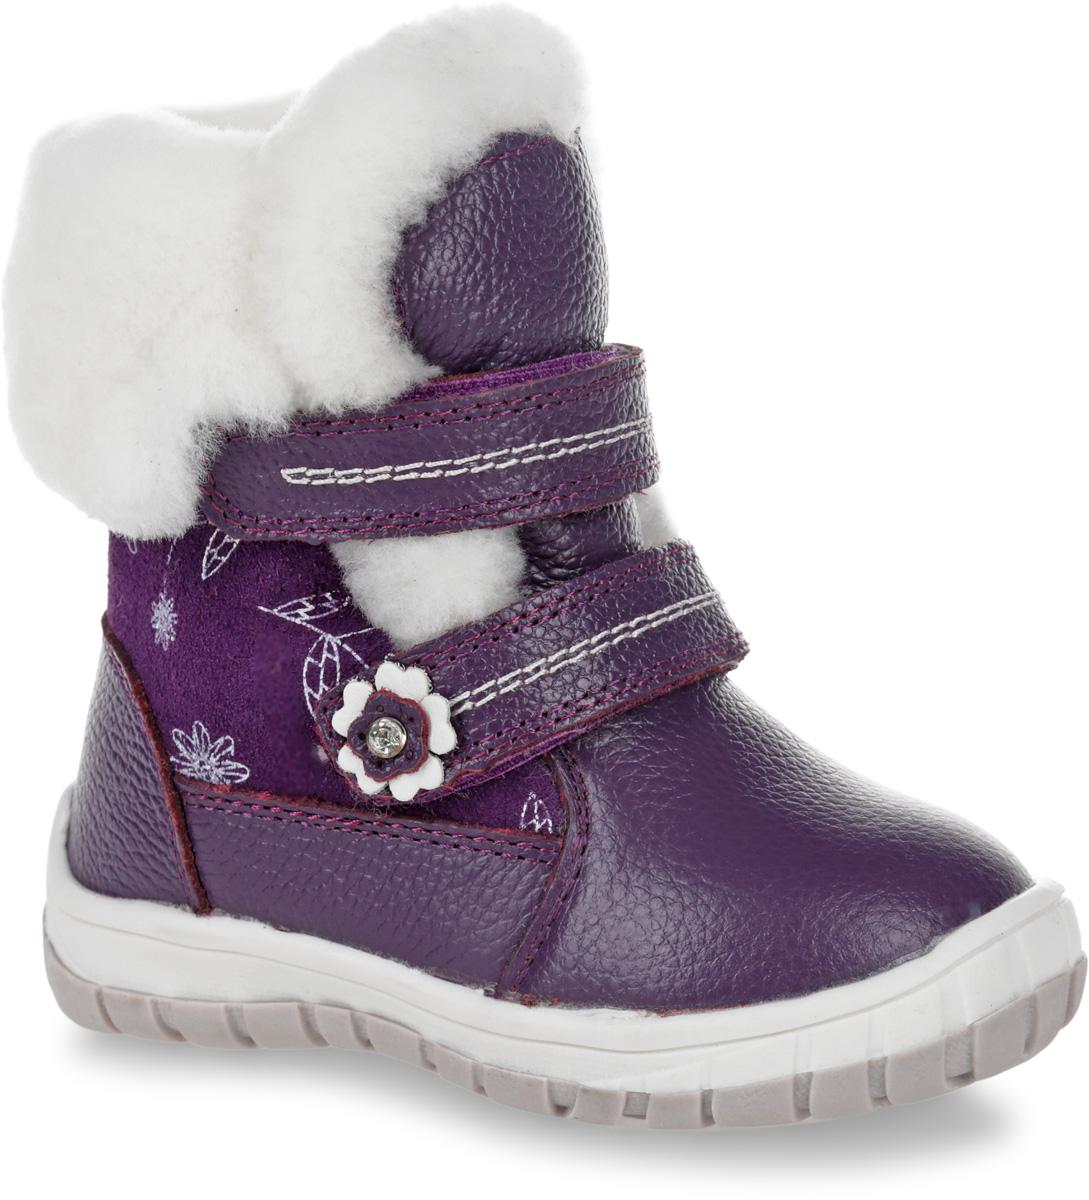 11106-20Полусапоги от Зебра выполнены из натуральной кожи в сочетании с натуральной замшей. Застежки-липучки надежно фиксируют изделие на ноге. Мягкая подкладка и стелька из натурального меха обеспечивают тепло, циркуляцию воздуха и сохраняют комфортный микроклимат в обуви.